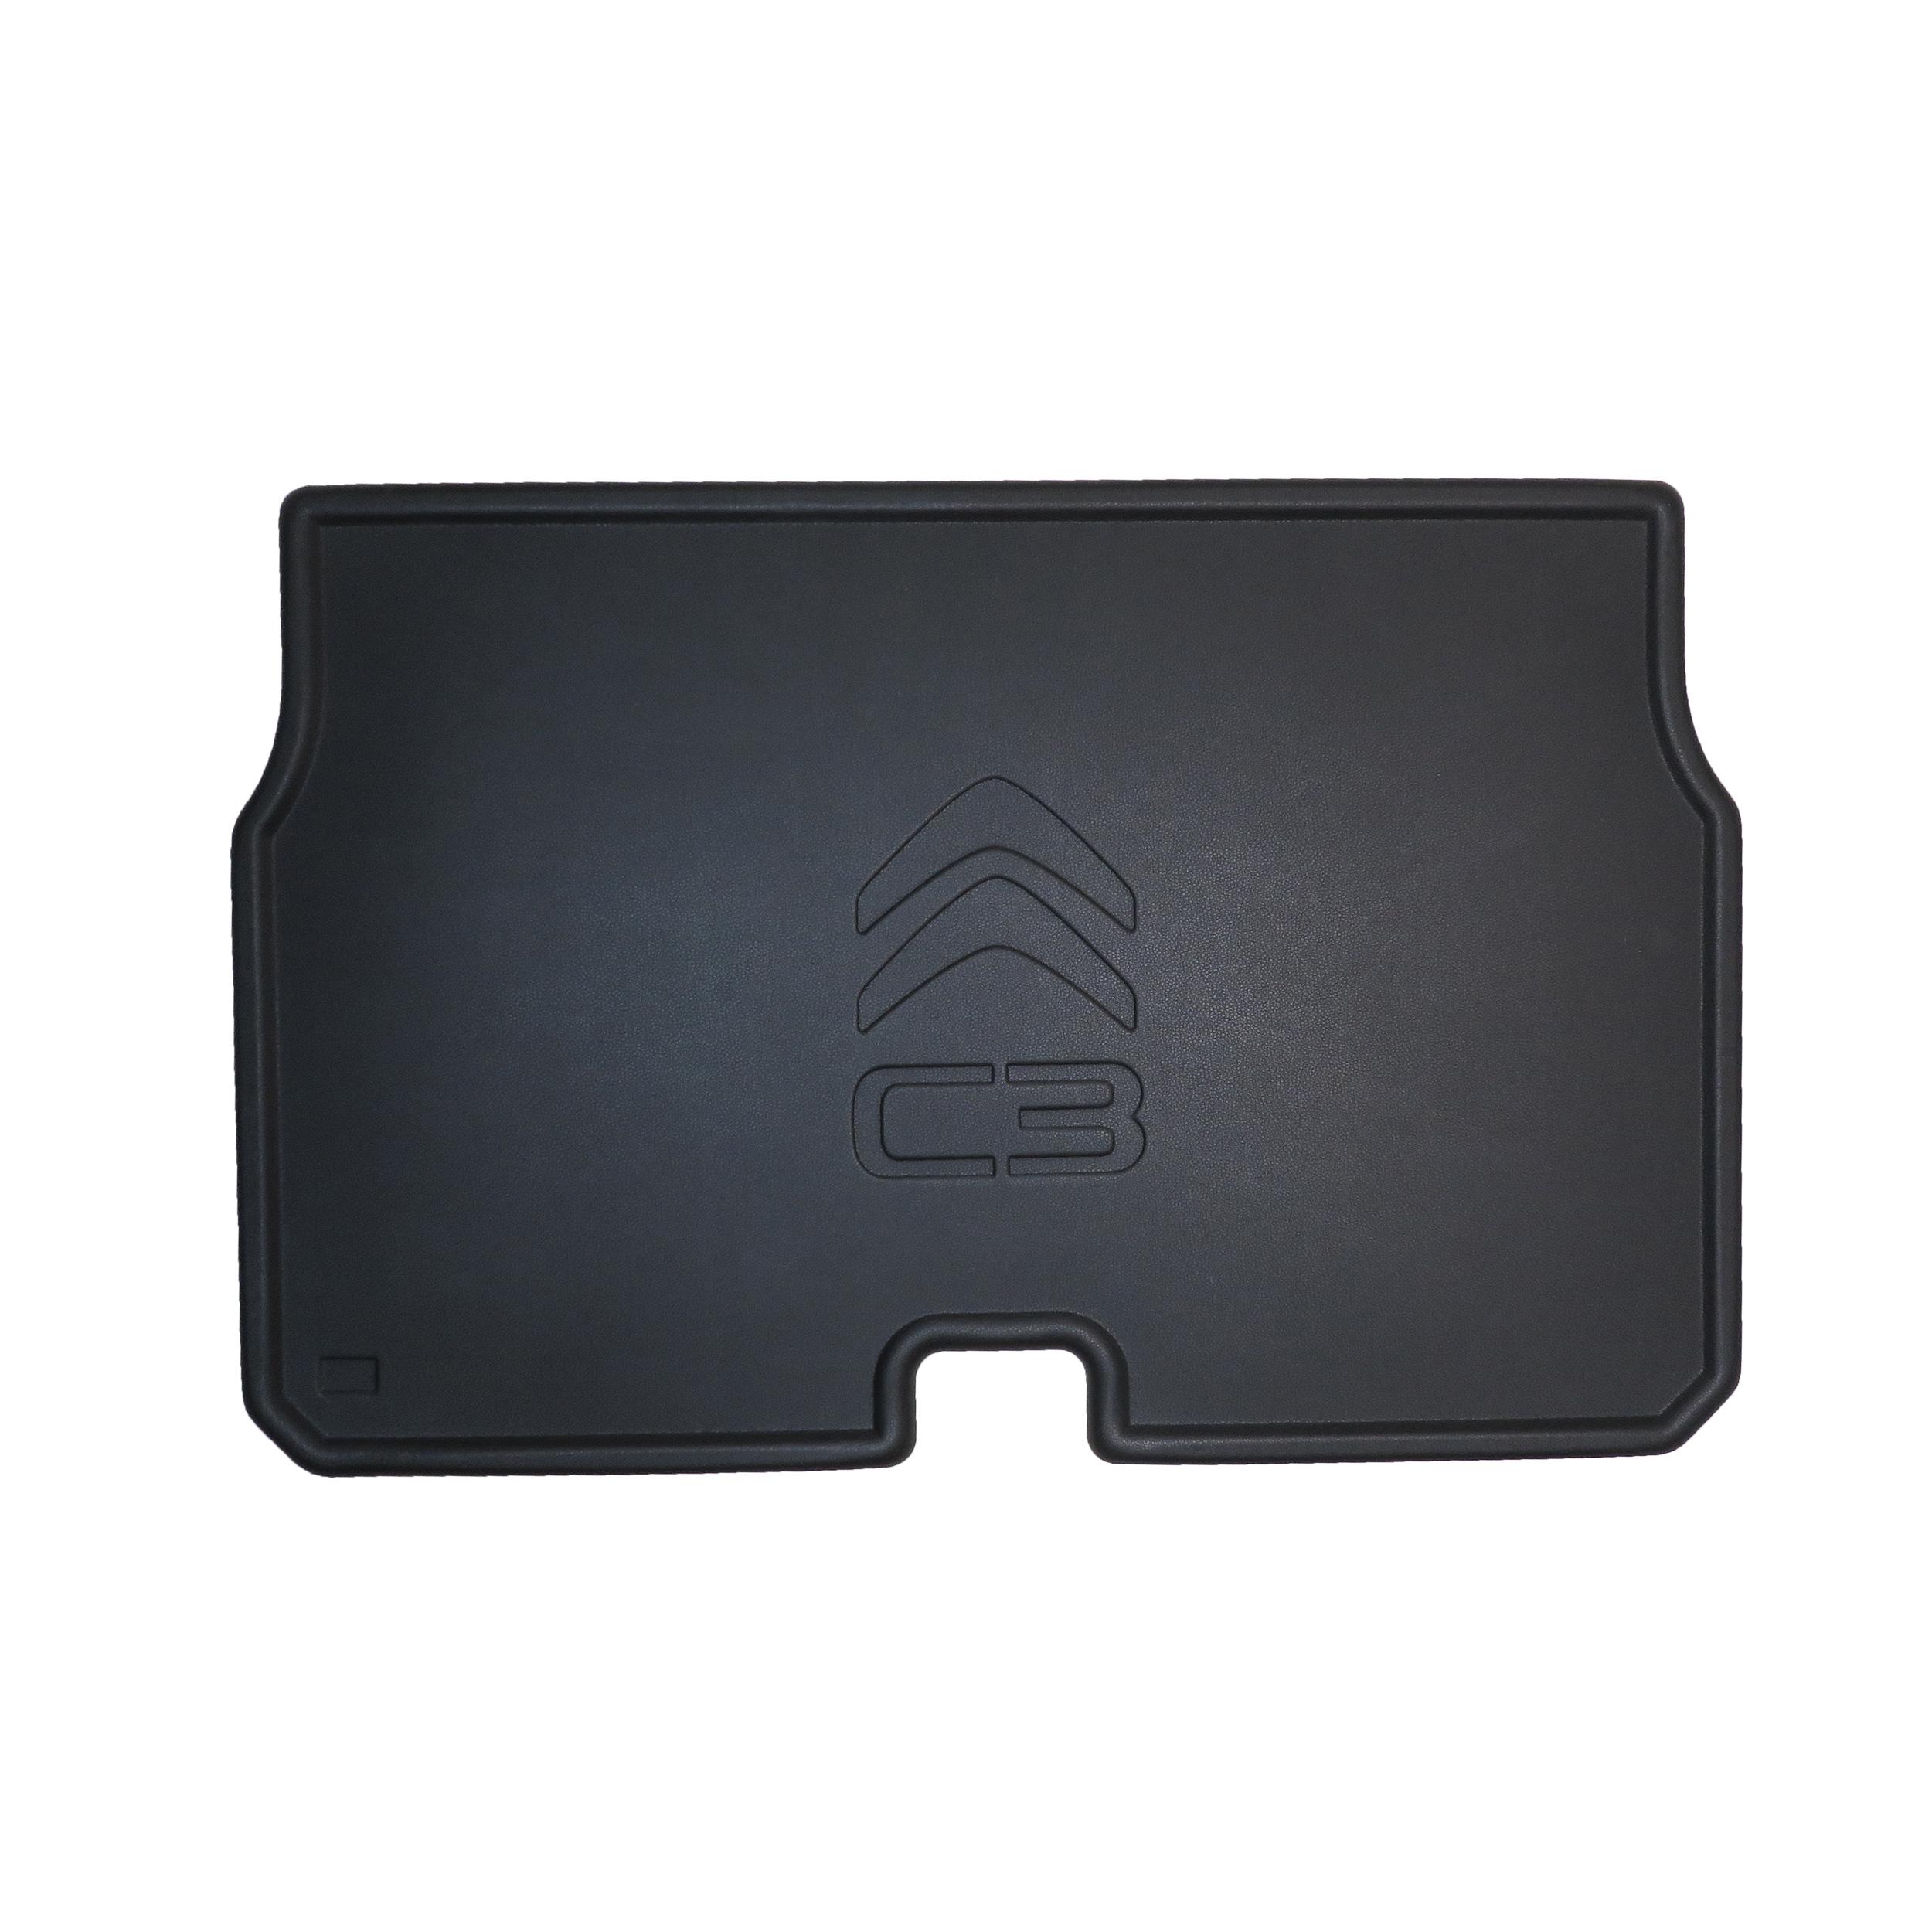 کفپوش سه بعدی صندوق خودرو مدل VXL02 مناسب برای سیتروئن C3